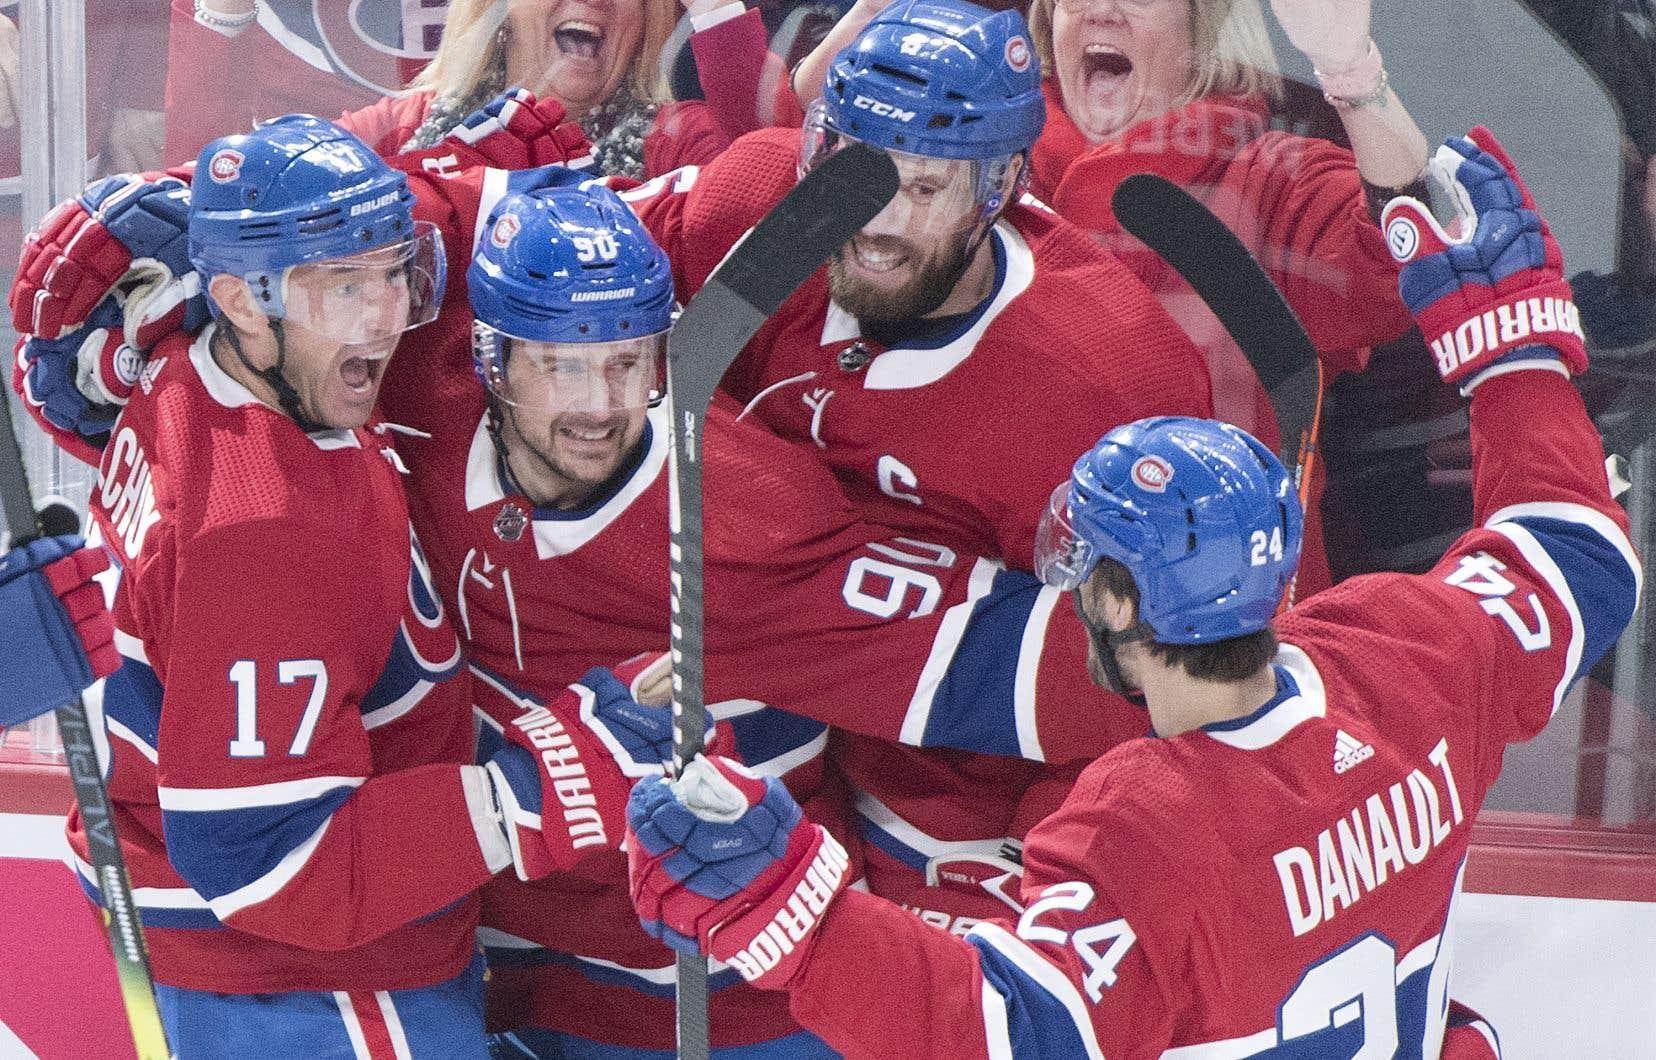 Le Canadien a remporté quatre matchs sur cinq en huit jours et l'enthousiasme contagieux d'Ilya Kovalchuk (à gauche) semble avoir ravivé la passion des partisans.